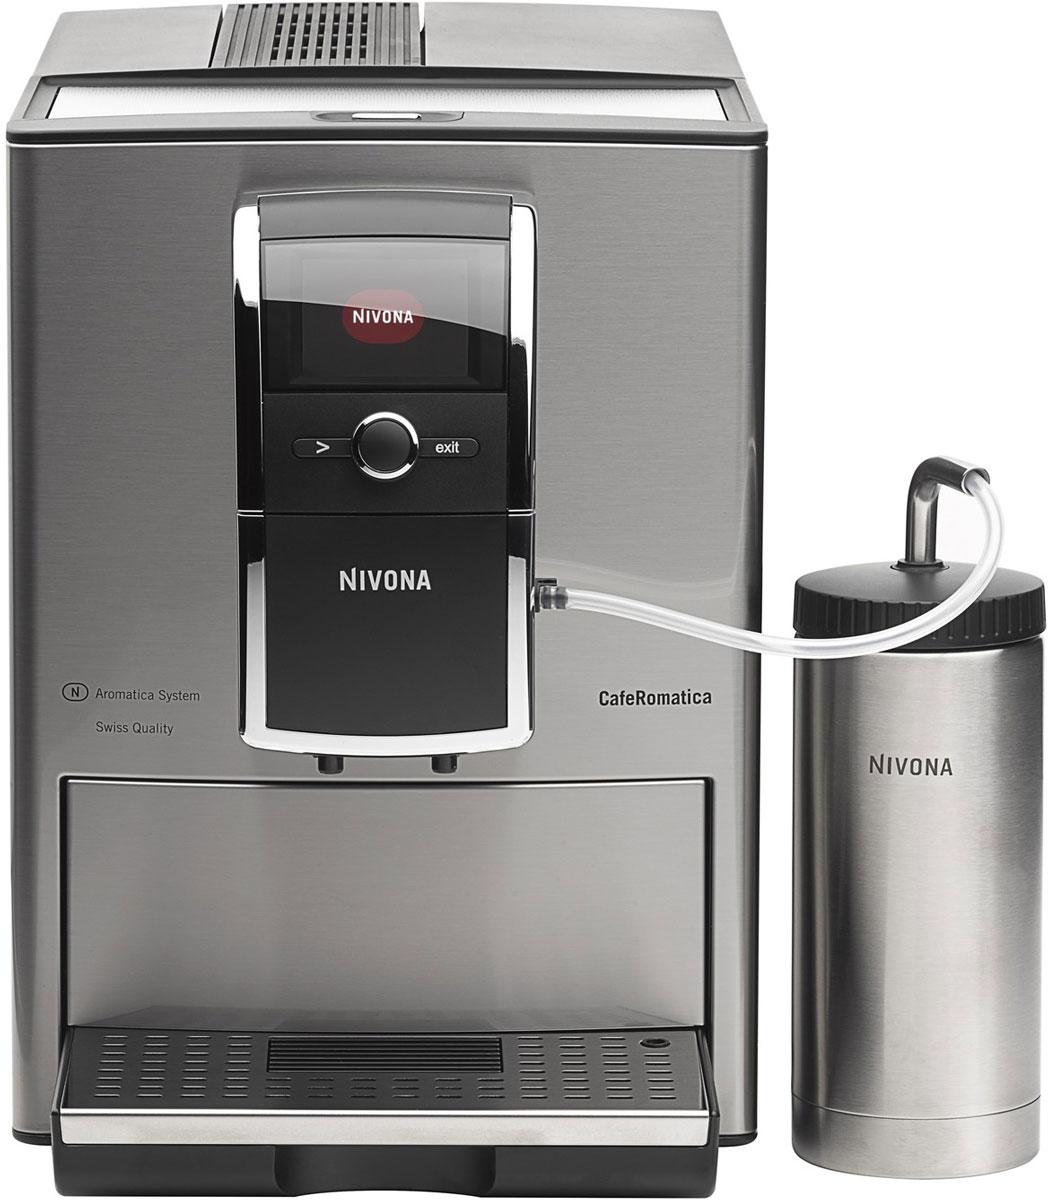 Nivona CafeRomatica NICR 858 кофемашинаТВОС-00688NIVONA CafeRomatica 858 зарекомендовала себя в качестве прекрасной кофемашины. Первоклассная модель серии 8 выделяется своим элегантным и классическим дизайном, техническим превосходством и максимальным удобством использования.Система Spumatore Duo позволяет приготовить две чашки капучино одновременно нажатием всего лишь одной кнопки. В памяти устройства можно сохранить до 10 индивидуальных рецептов приготовления кофе. Цветные графические элементы и текст на четком сенсорном TFT-дисплее обеспечивают безупречную работу с управлением всего лишь посредством одного переключателя: поверните - нажмите - наслаждайтесь кофе. Программы для очистки, удаления накипи и полоскания, запускаемые одним нажатием кнопки, а так же функция статистики и мониторинга необходимости технического обслуживания обеспечат легкий уход за кофемашиной. Режим ECO и выключатель помогают достигнуть почти нулевого потребления энергии. Стильный дизайн кофемашины дополняет двухцветная подсветка чашки.